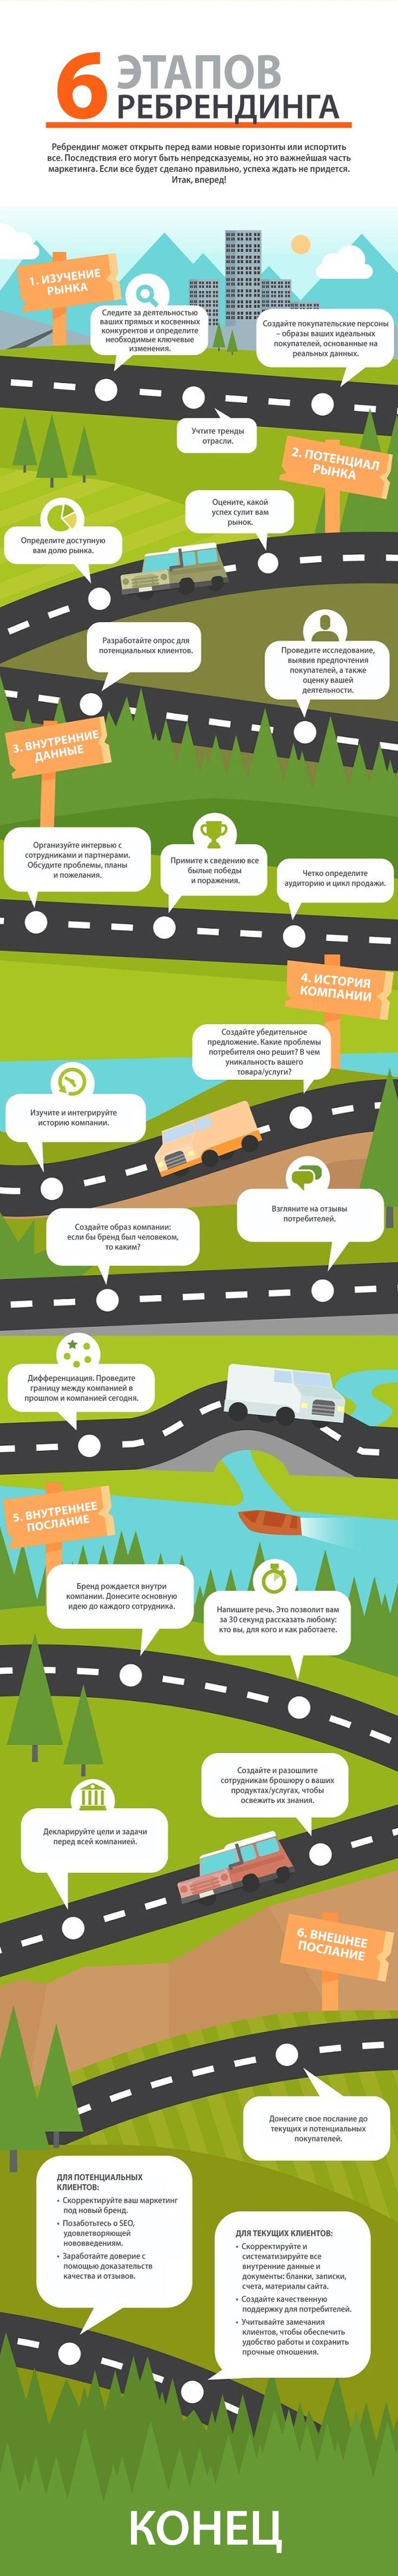 К вашему вниманию предлагаем инфографику на тему ребрендинга! #seoblog #seotips #rebrending #продвижение #оптимизация #раскрутка #соцсети #смм #website #internetmarketing